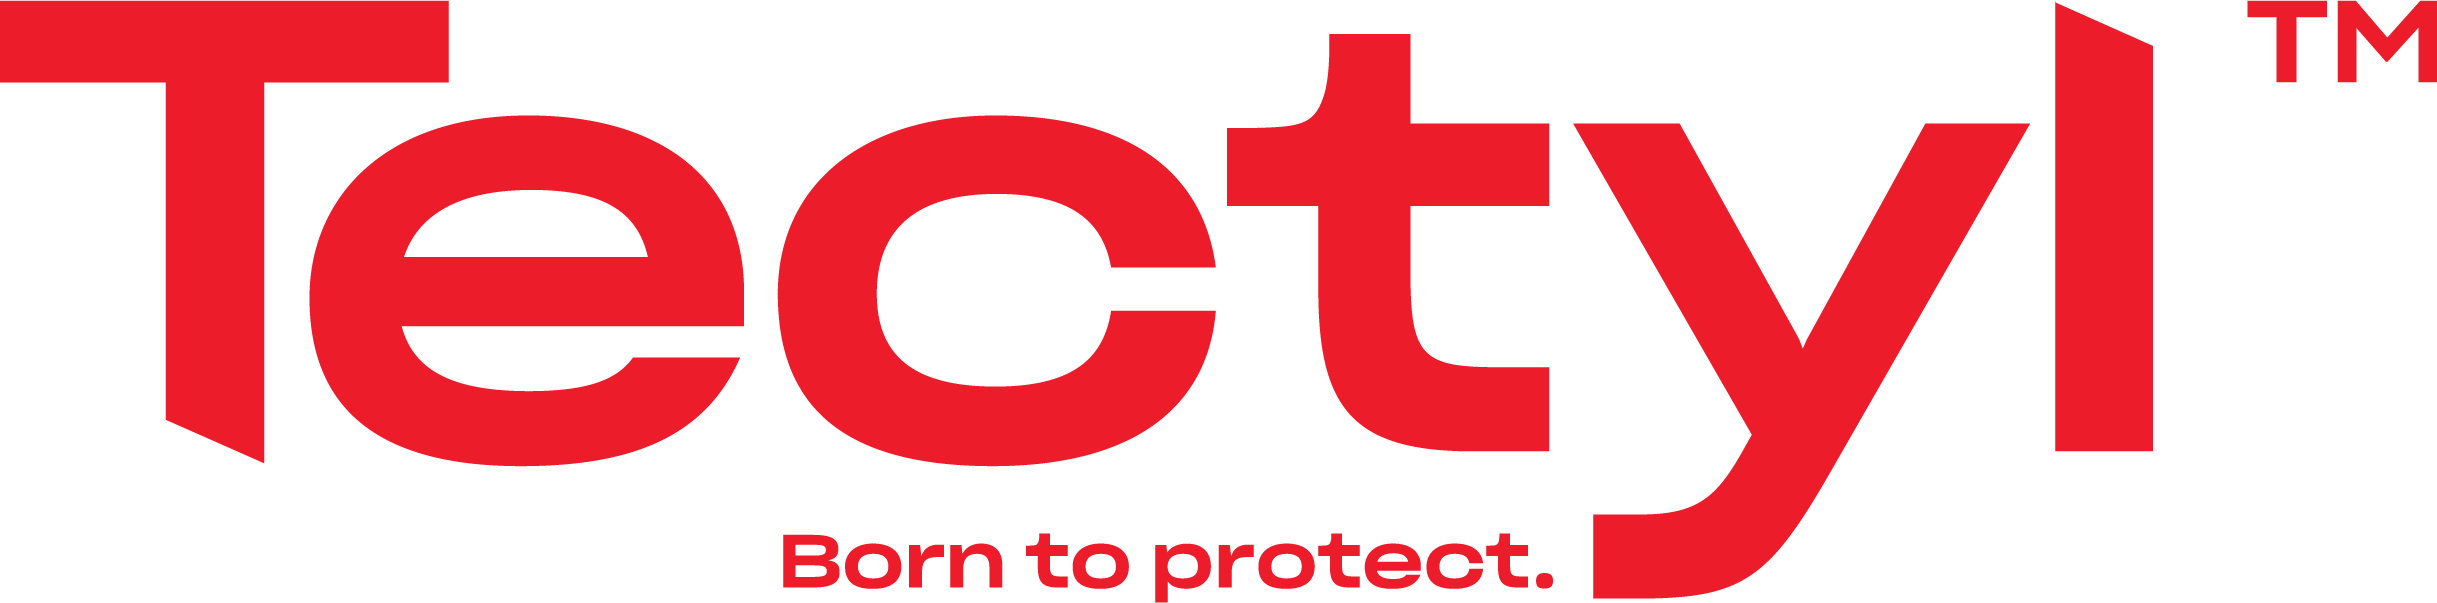 https://fynsundervognscenter.dk/wp-content/uploads/2020/03/tectyl-logo-2020-03.png